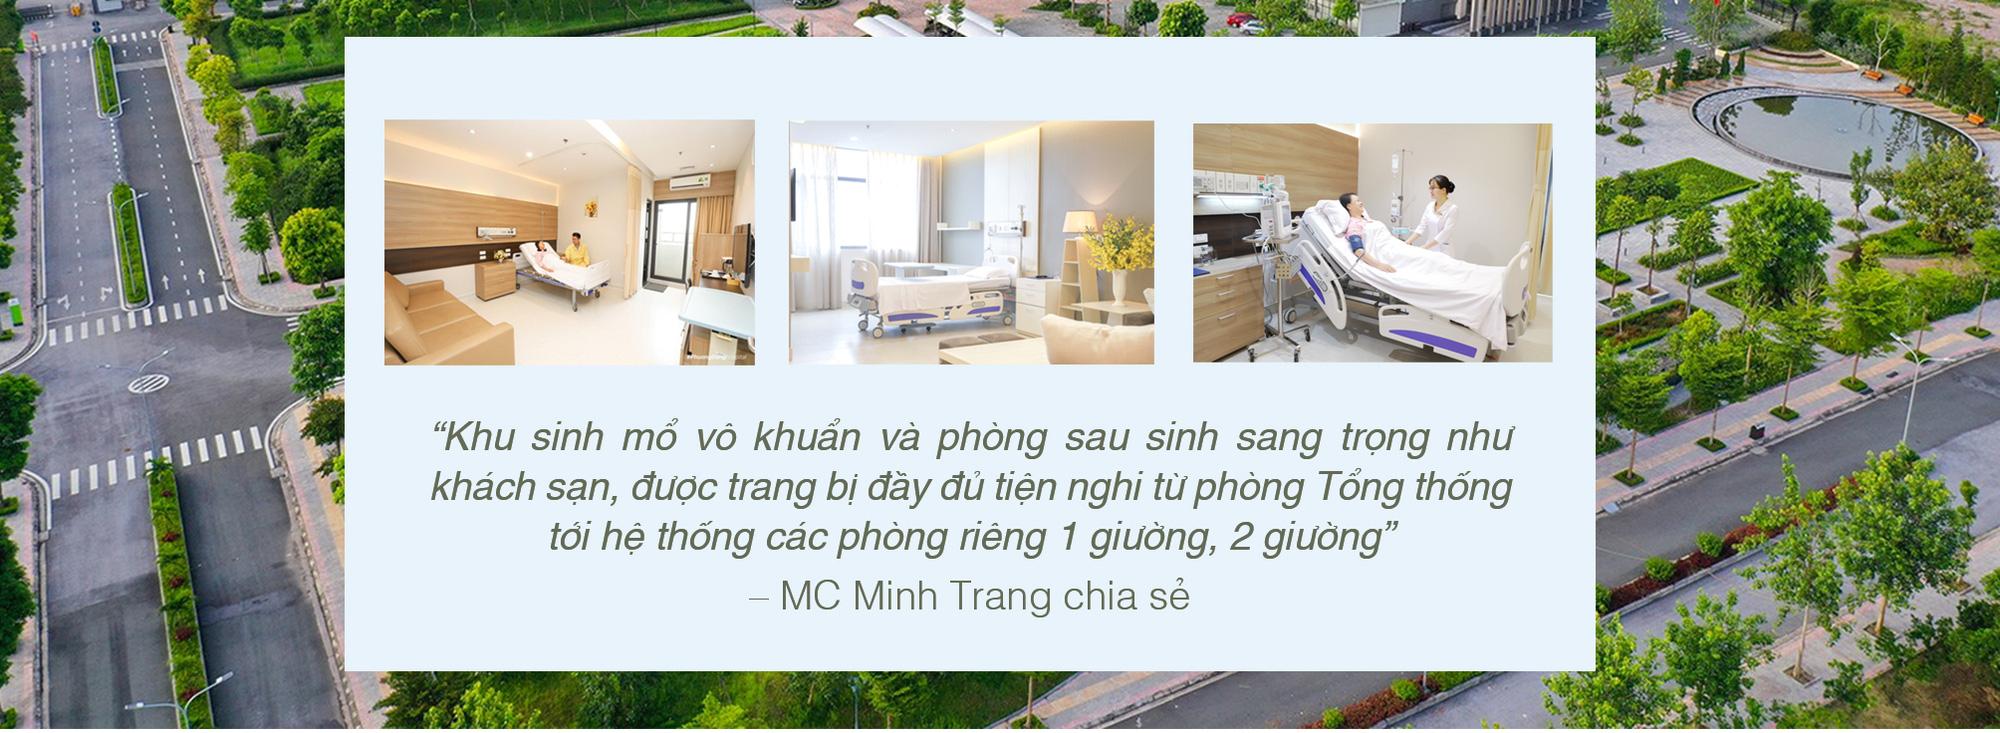 Hơn 2 năm nay, trên một khu đất rộng hơn chục ha ở số 9 Phố Viên, Cổ Nhuế, Hà Nội có một công trình xanh rất bề thế và sang trọng - Ảnh 6.